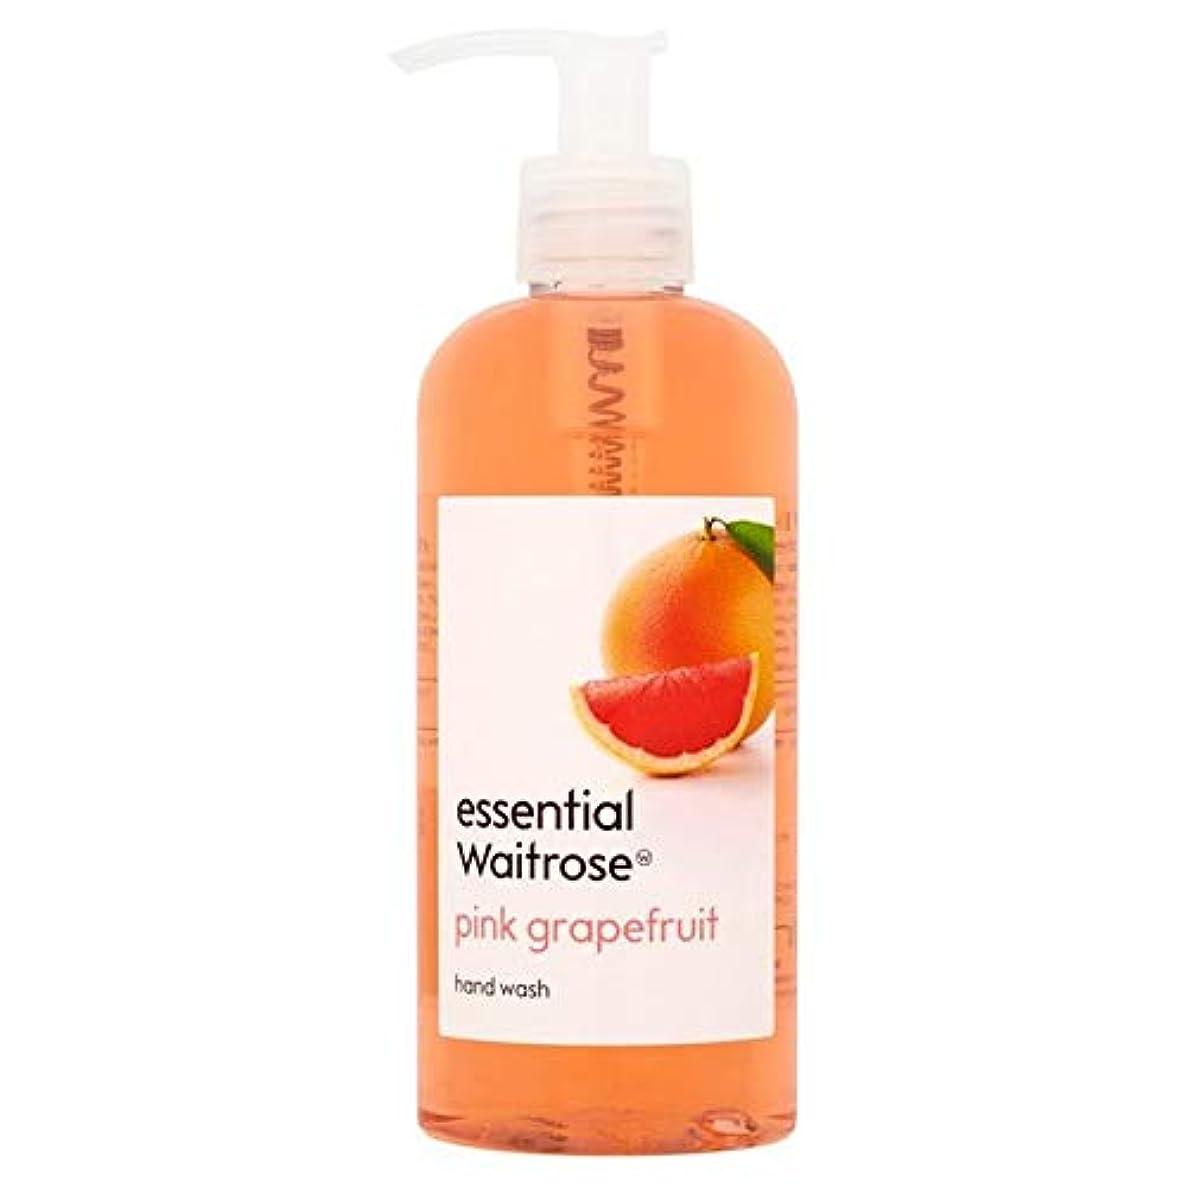 ボウリングブロッサム株式[Waitrose ] 基本的なウェイトローズのハンドウォッシュピンクグレープフルーツ300ミリリットル - Essential Waitrose Hand Wash Pink Grapefruit 300ml [並行輸入品]